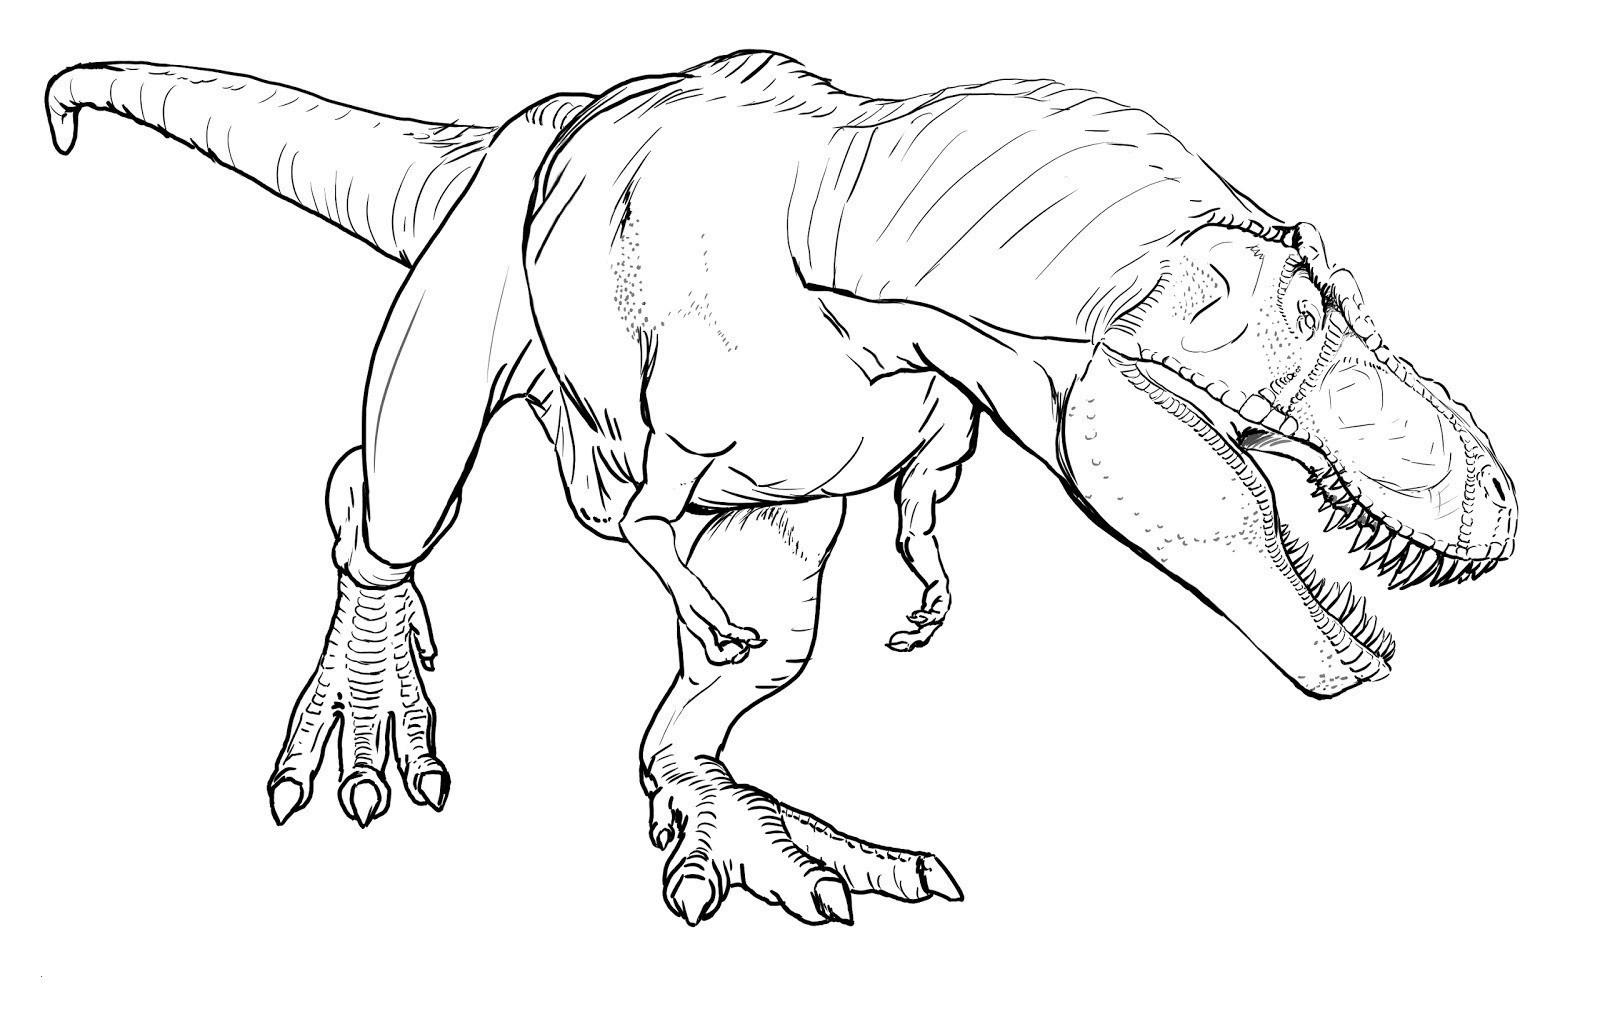 Jurassic World Ausmalbilder Genial Ausmalbilder Jurassic World Schön Spinosaurus Ausmalbilder – Neu Das Bild